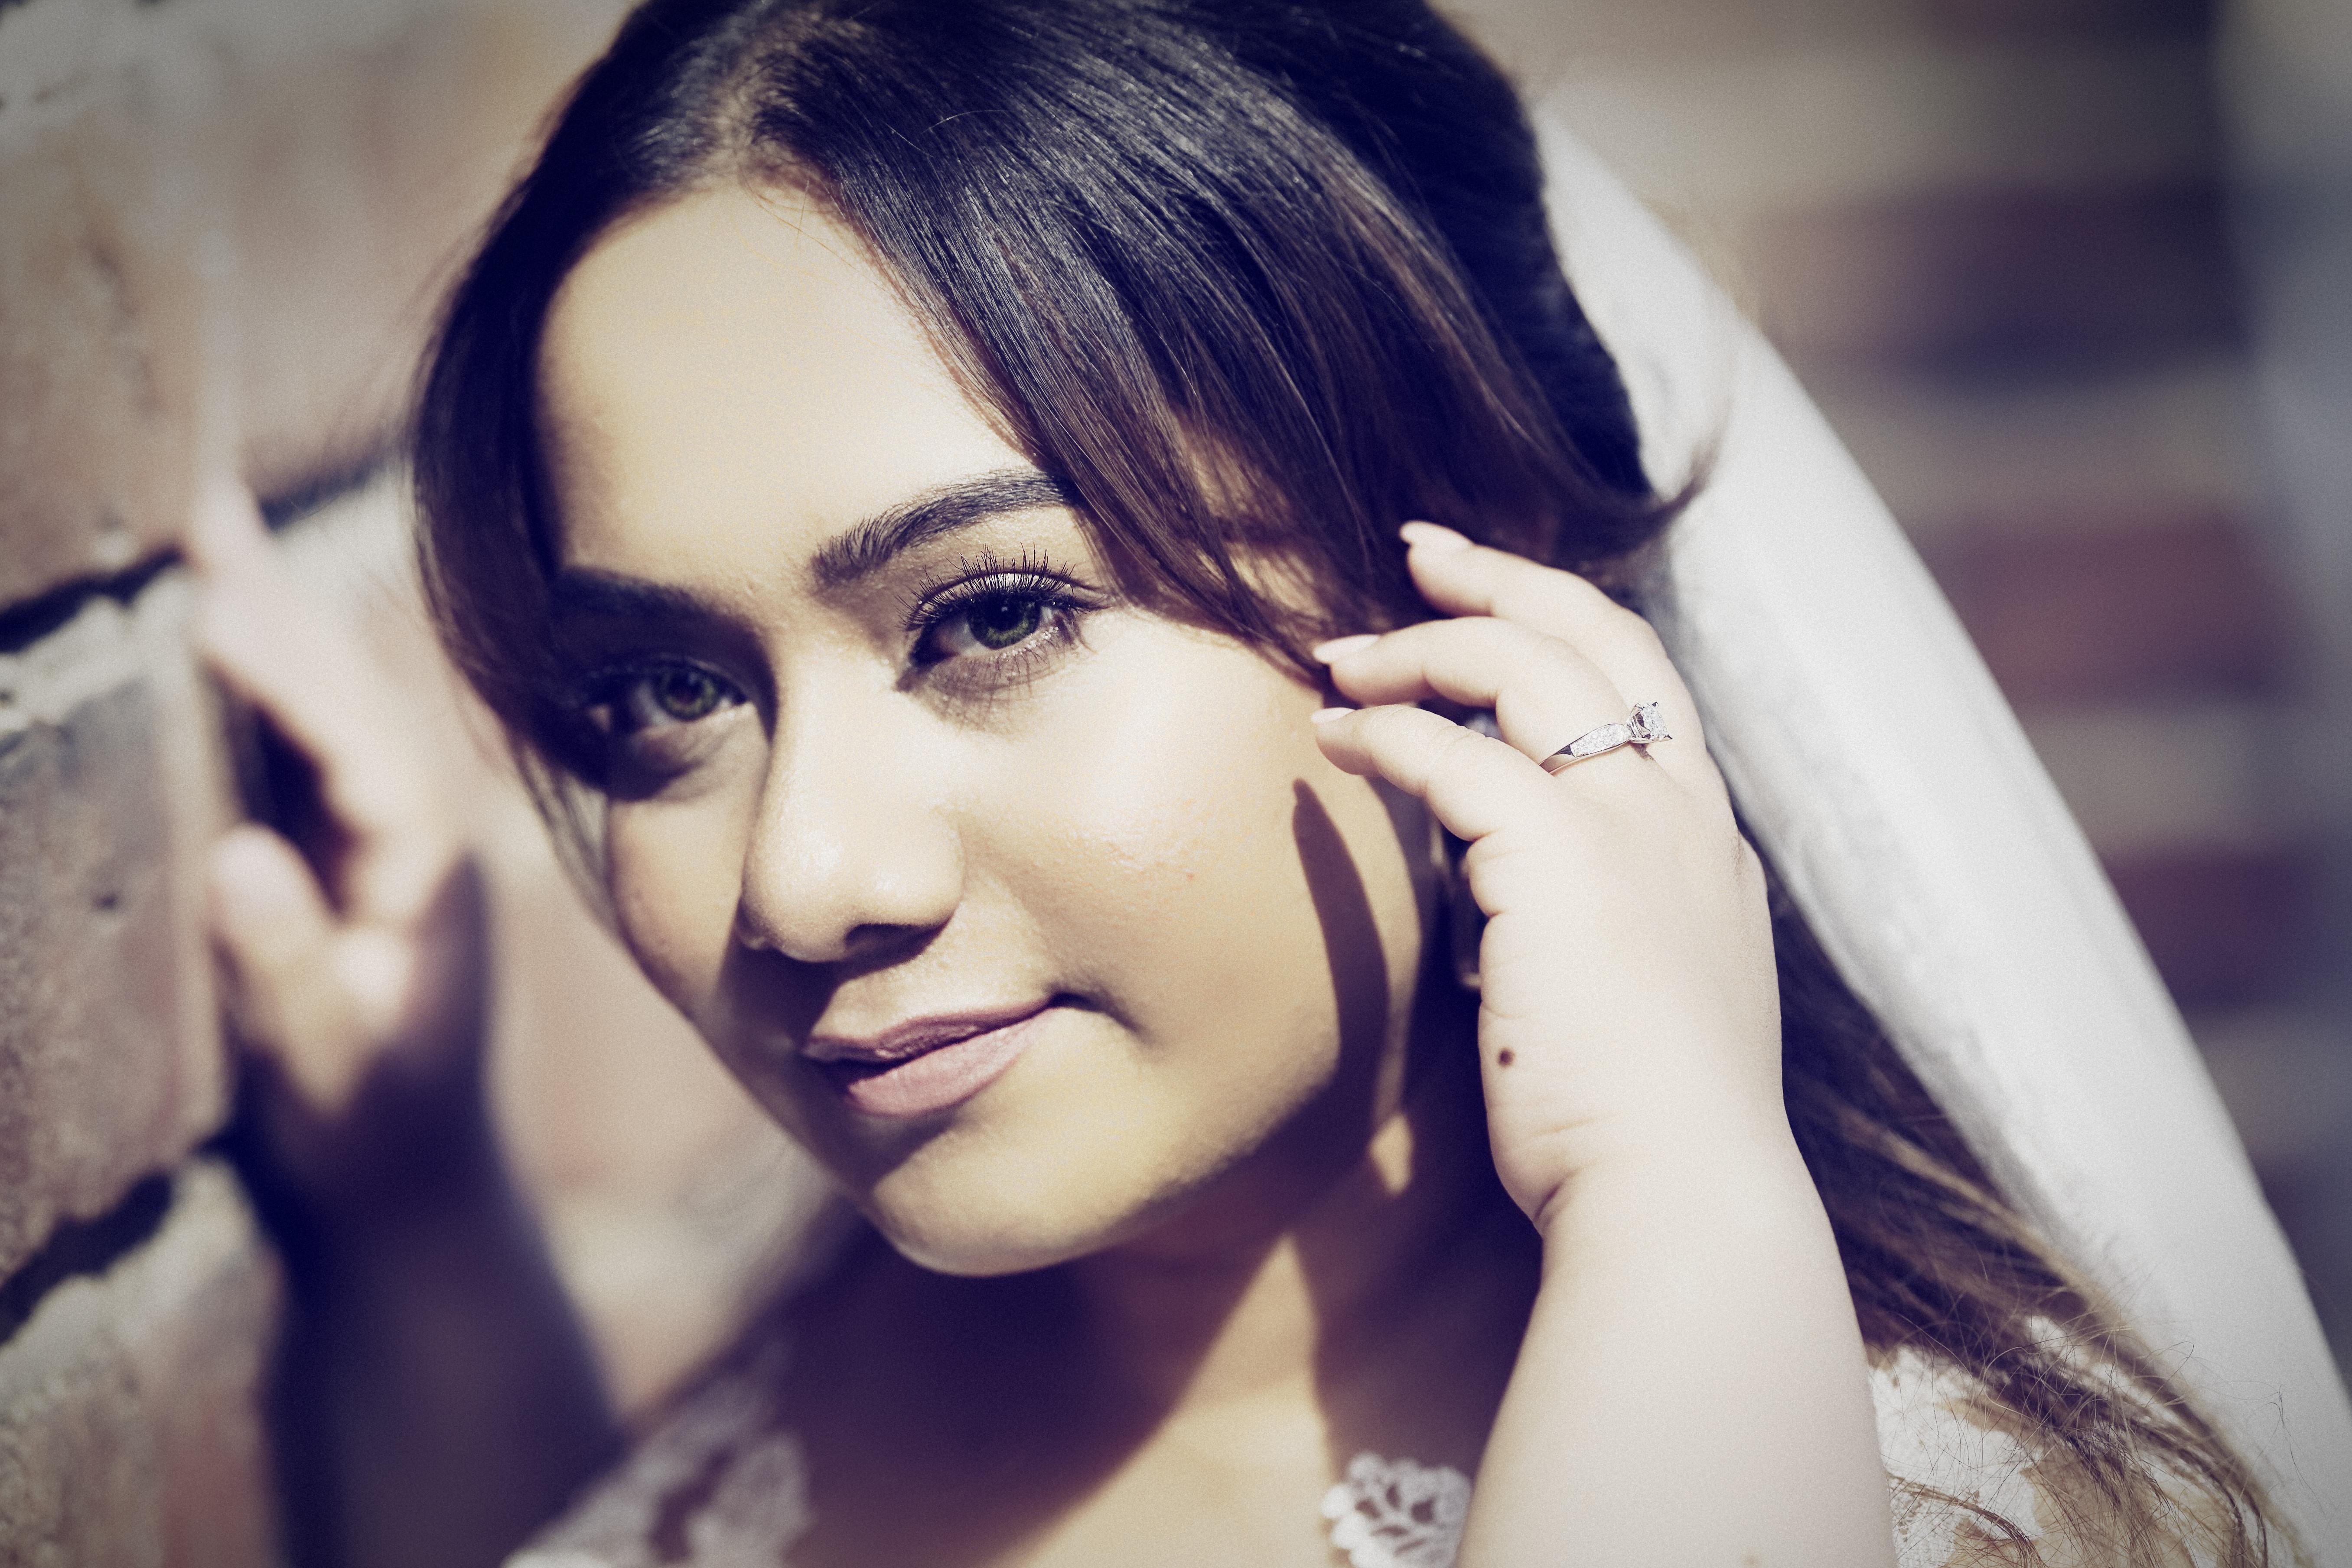 Bröllopsporträtt 1 - Priyanka m ring